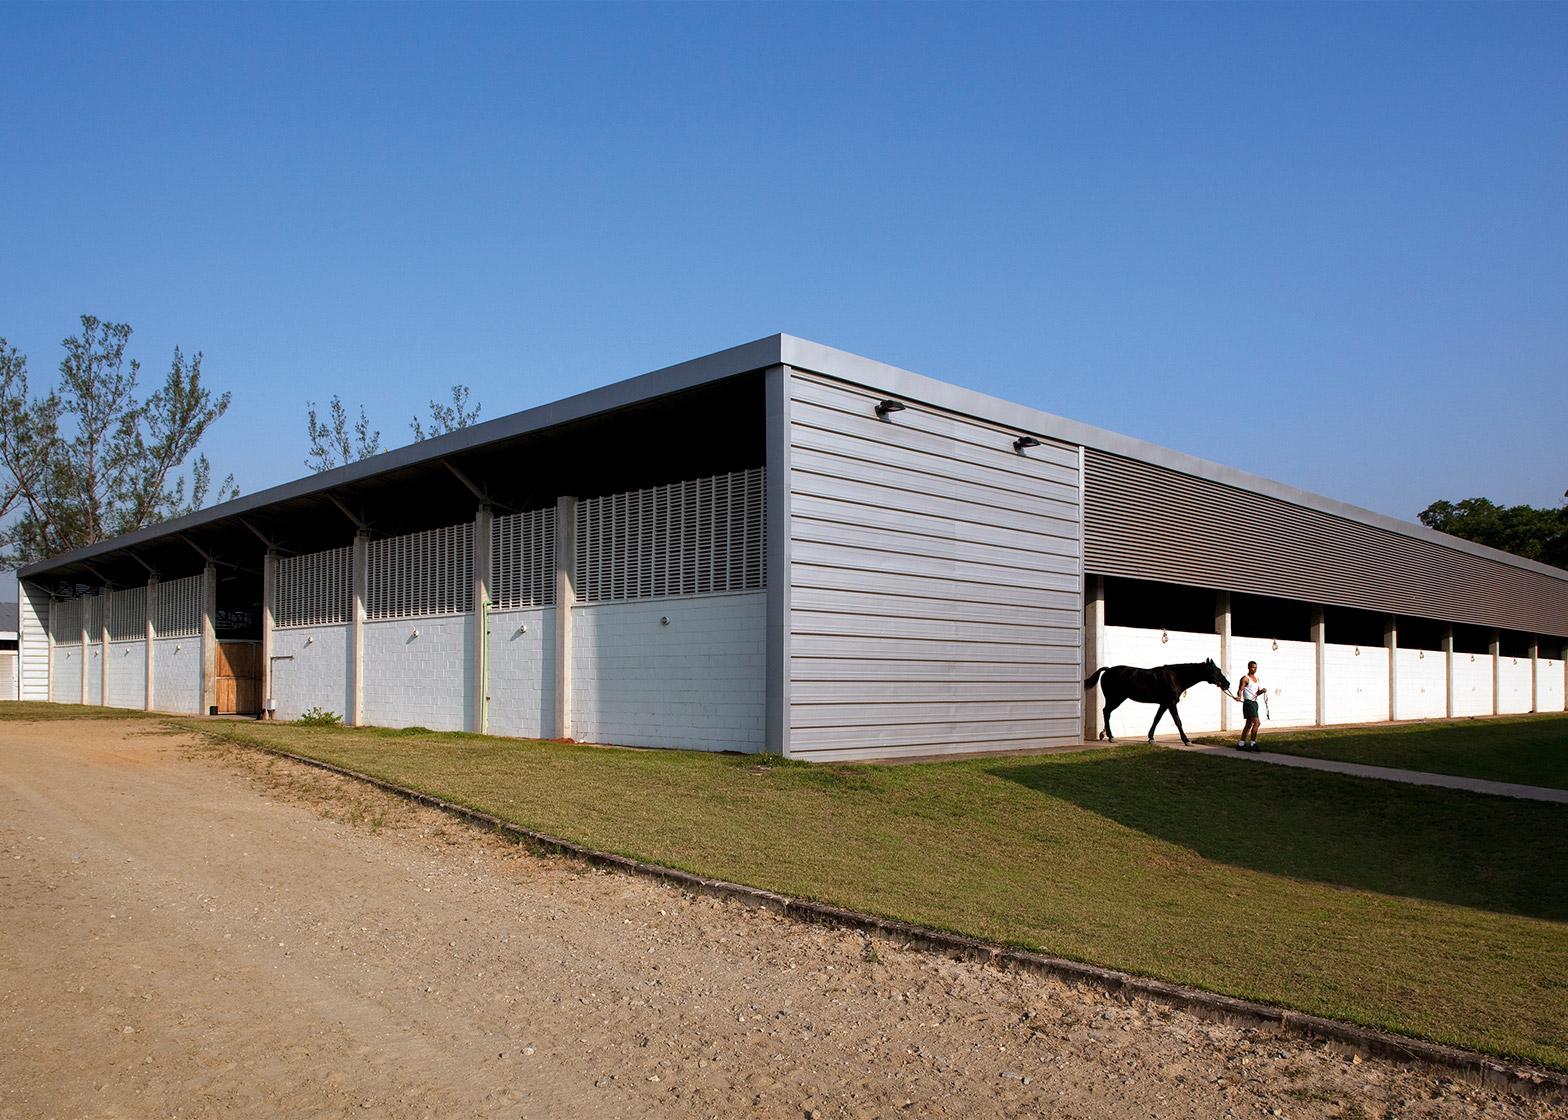 Equestrian Centre stables by BCMF Arquitetos, Bruno Campos, Marcelo Fontes and Silvio Todeschi